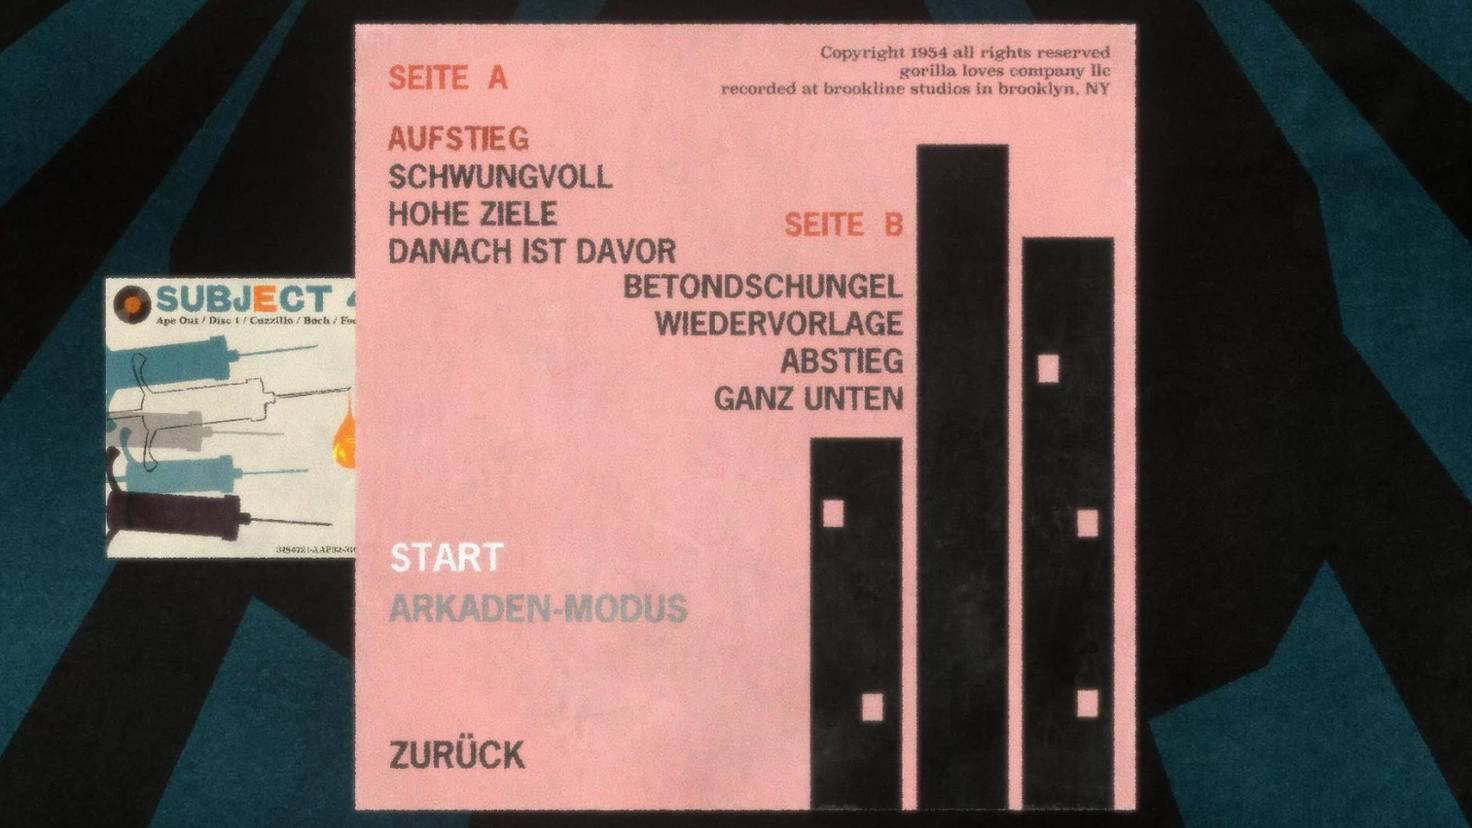 Musikalischer Seiten-Hieb: Die Levelauswahl ist als Plattencover mit Tracklist verwirklicht.